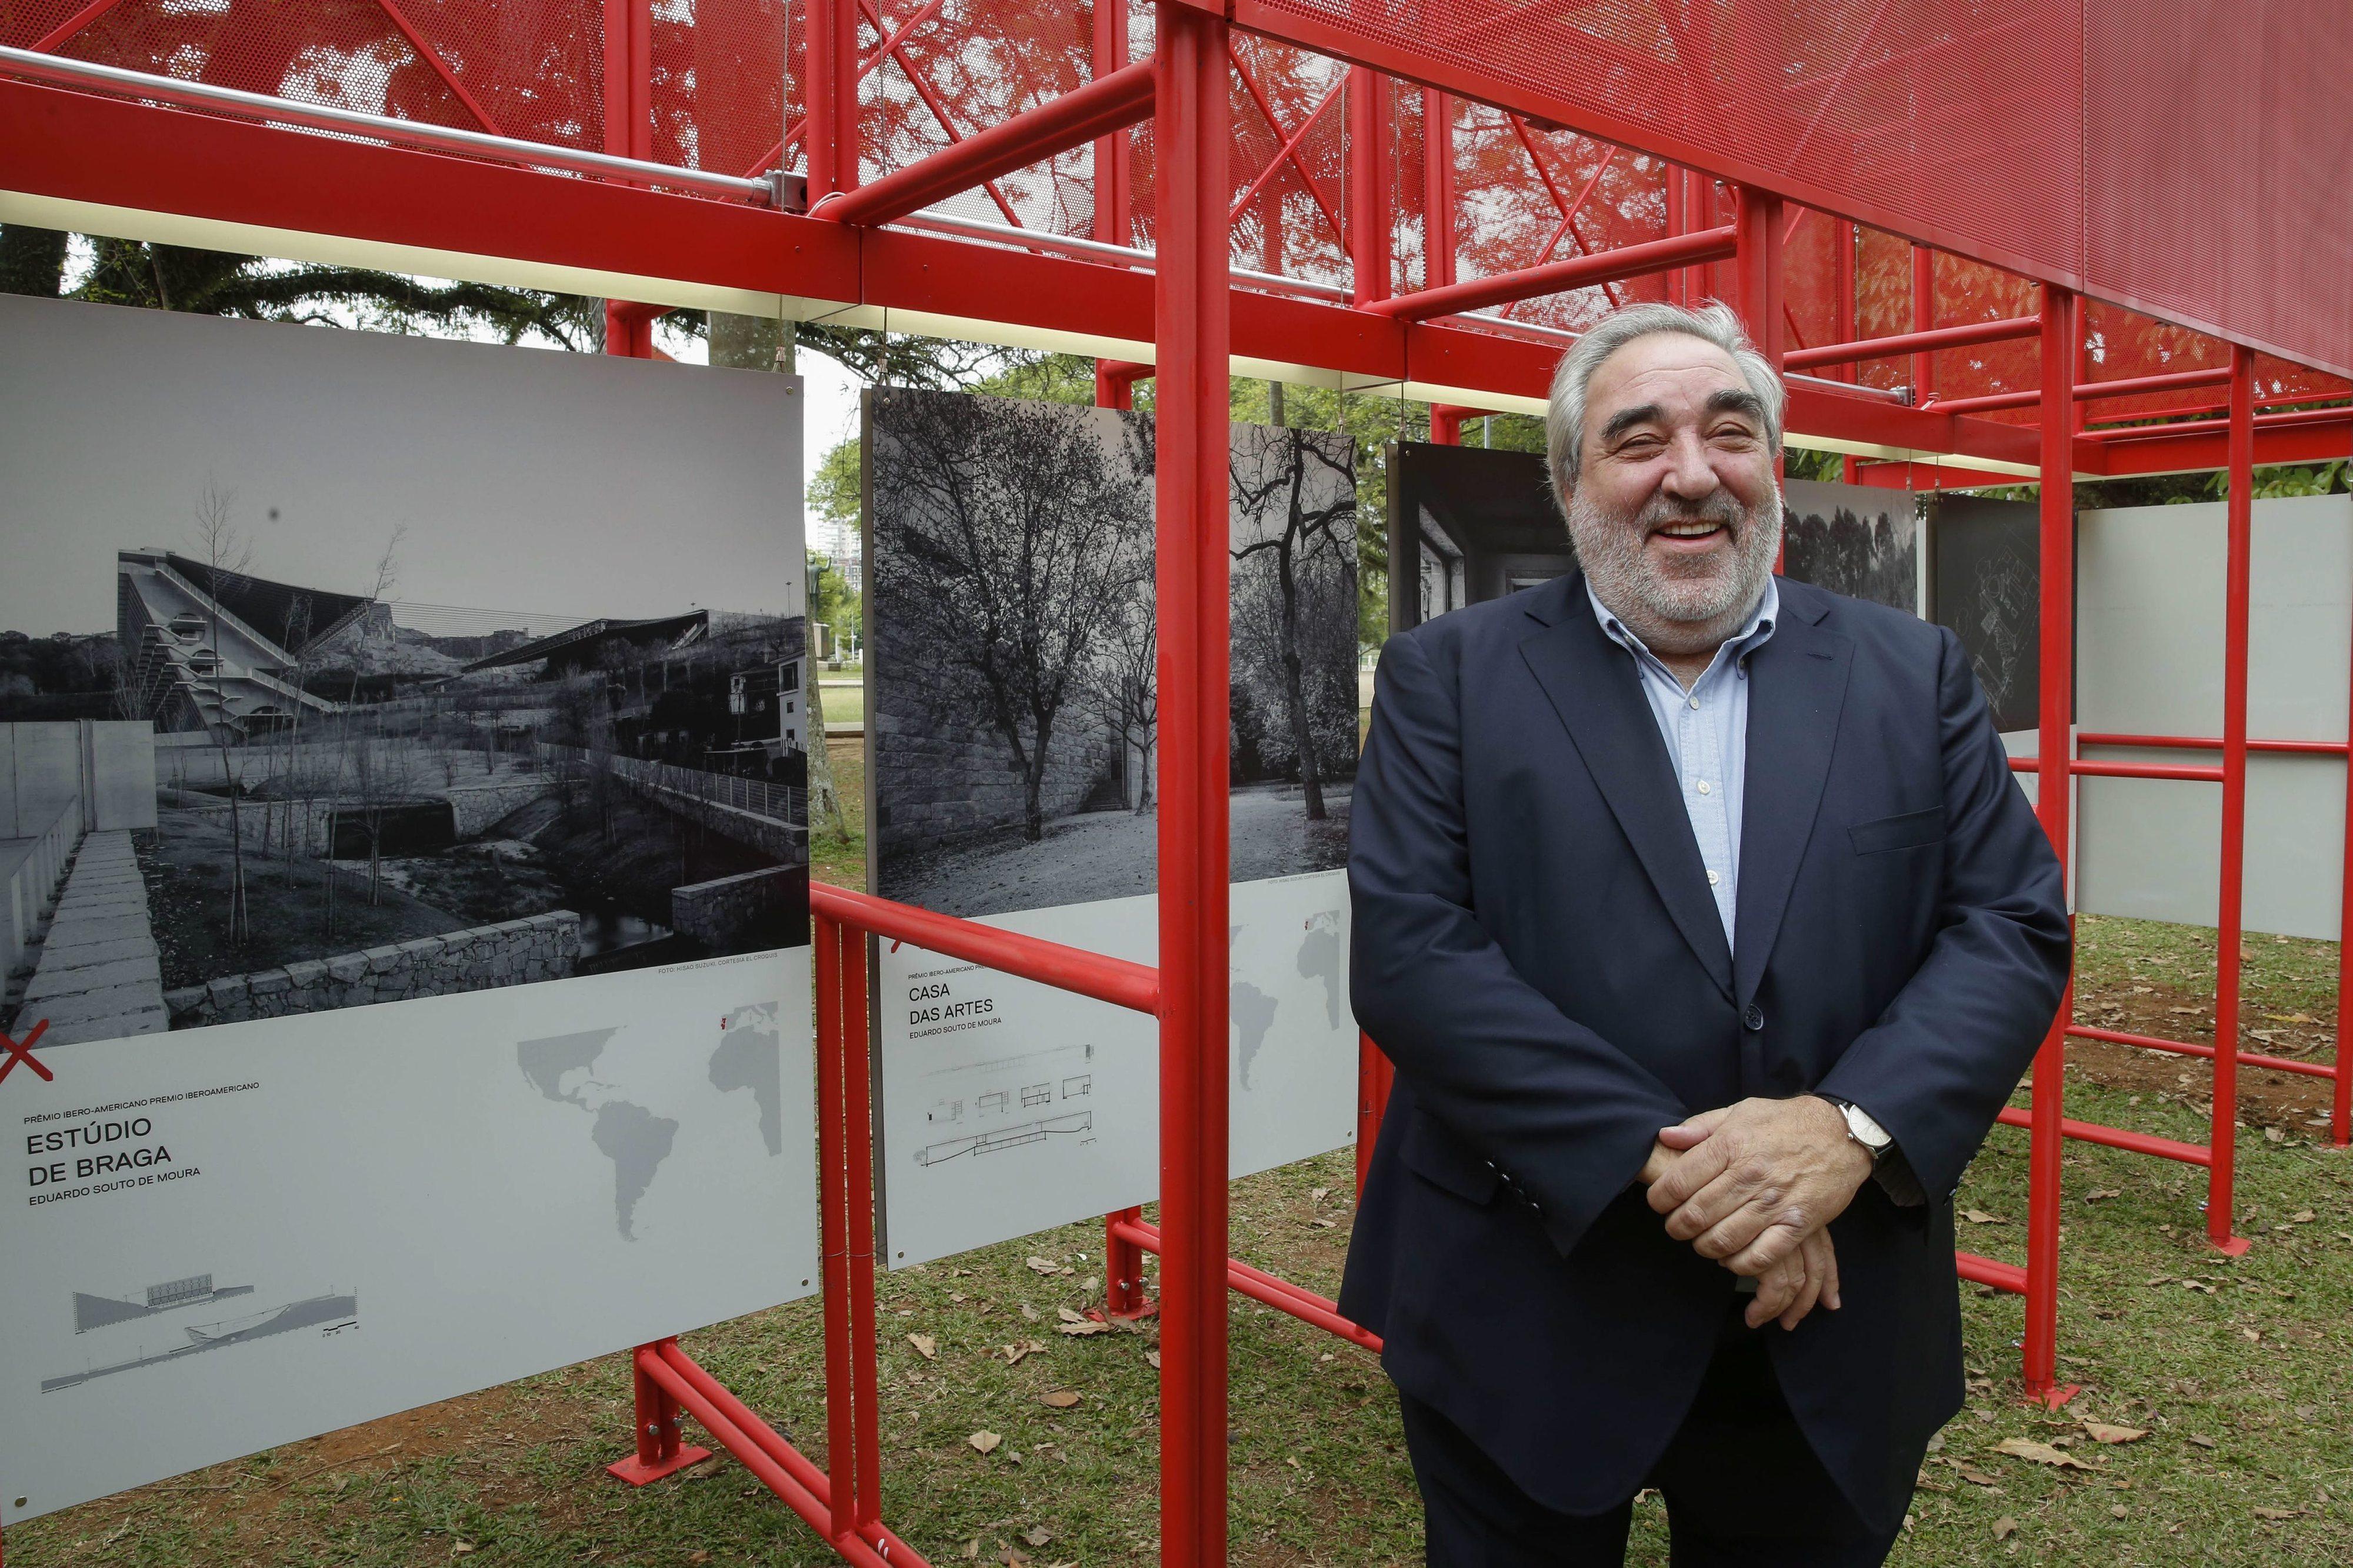 Souto Moura ganha Prémio Arquitetura do Douro com Central Hidroelétrica do Tua